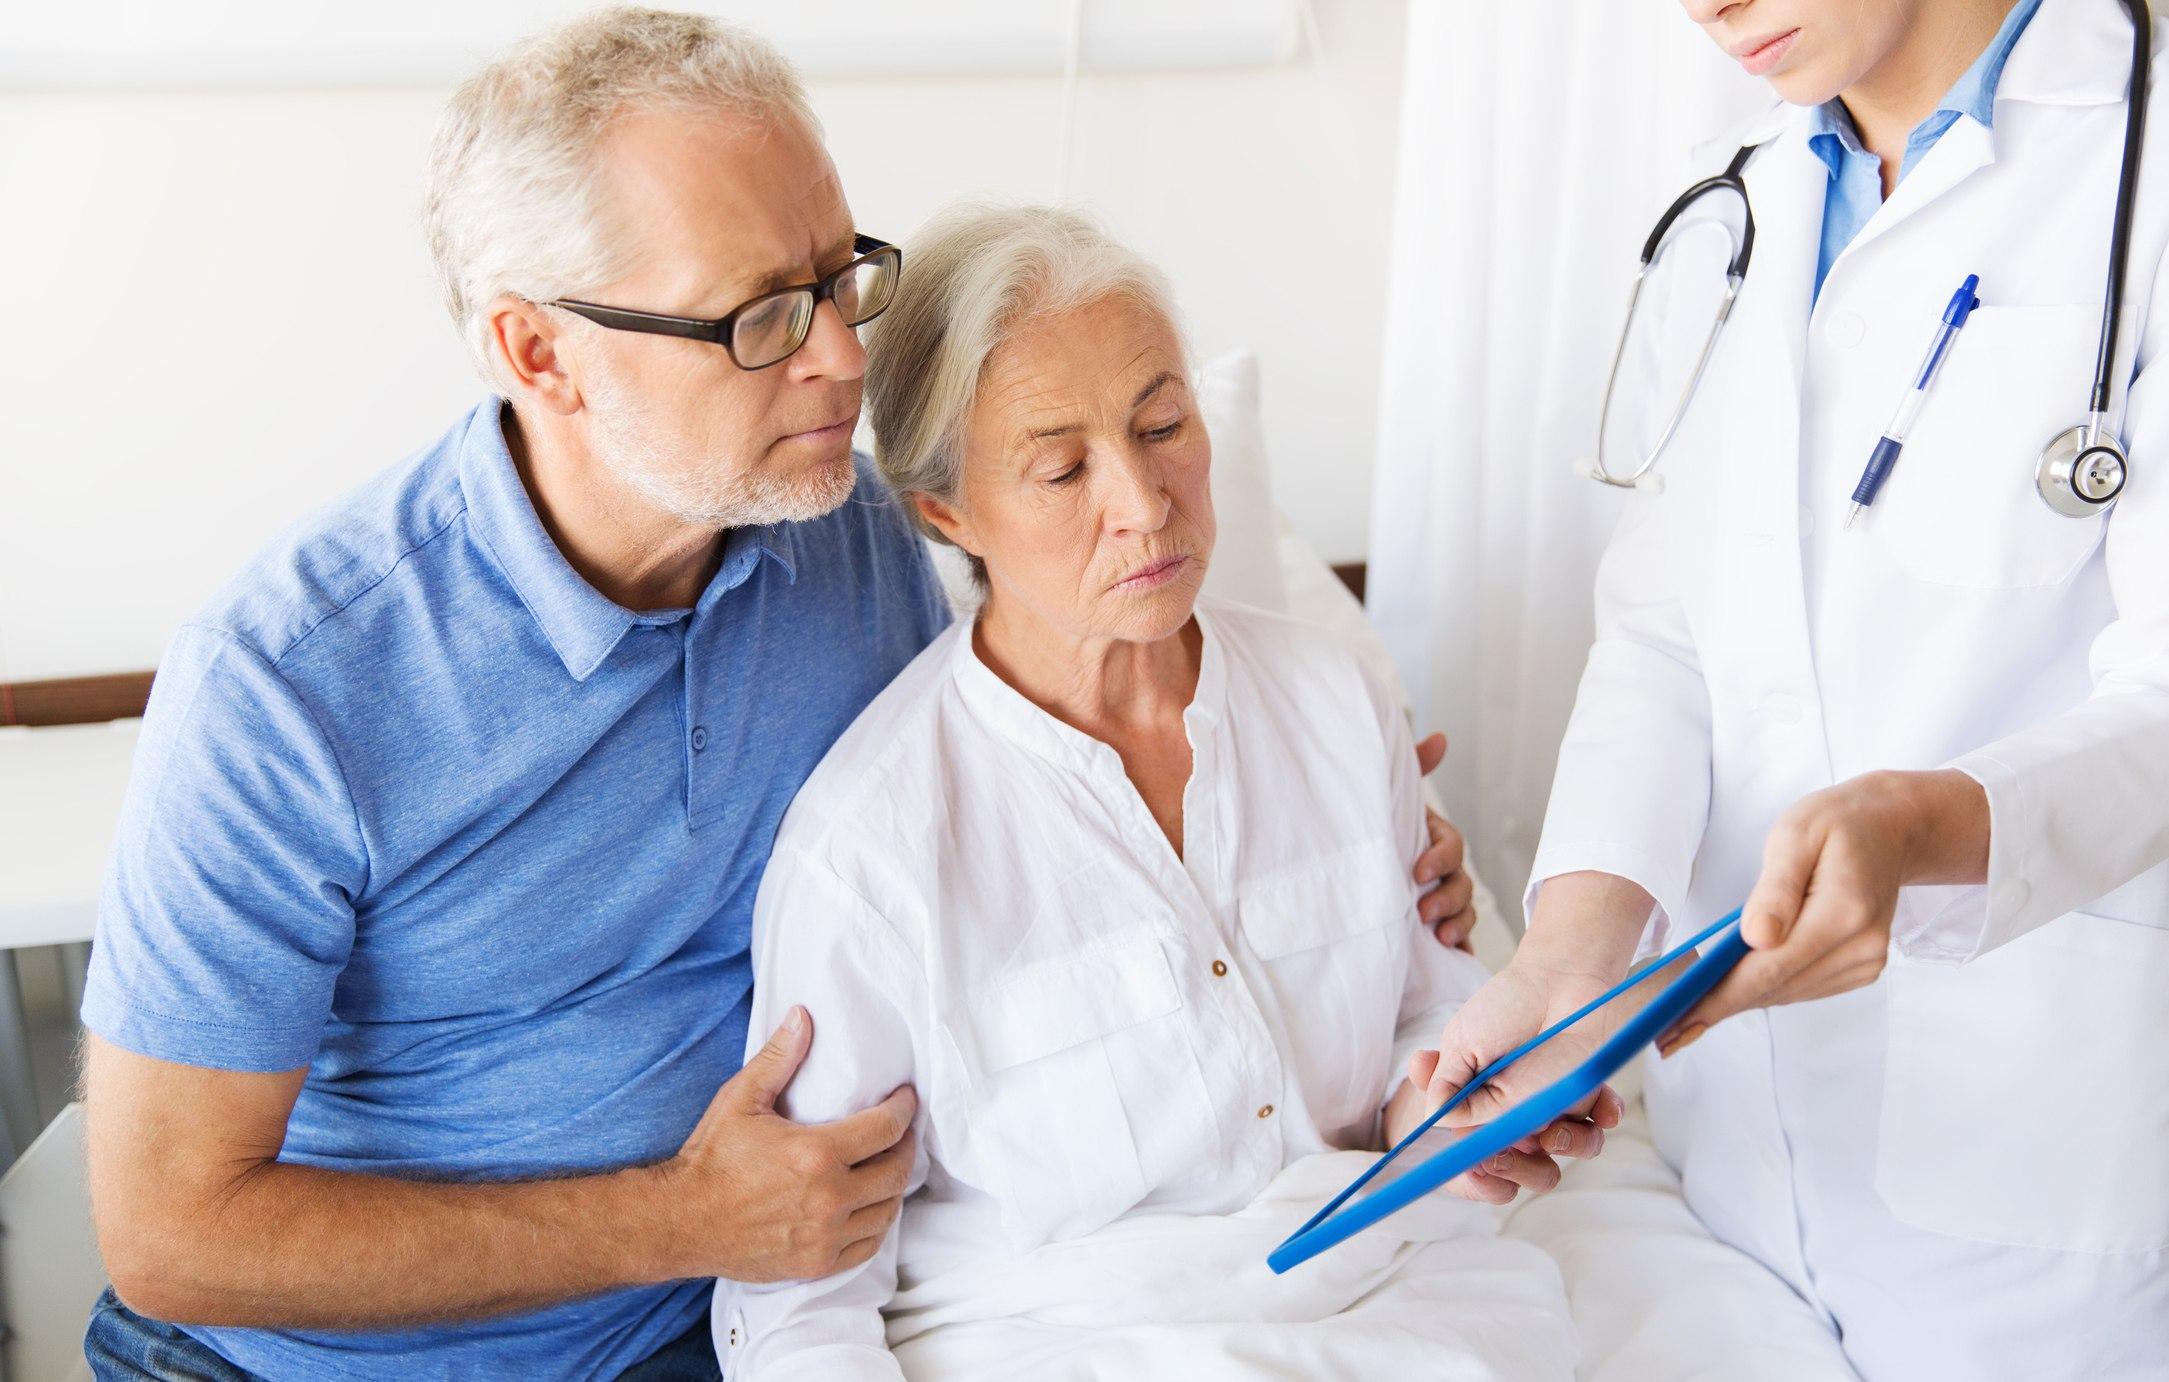 Гериатрический врач должен быть знаком с юридическими темами, такими как предварительные директивы, в которых указывается, как пациент хотел бы лечиться в случае недееспособности.